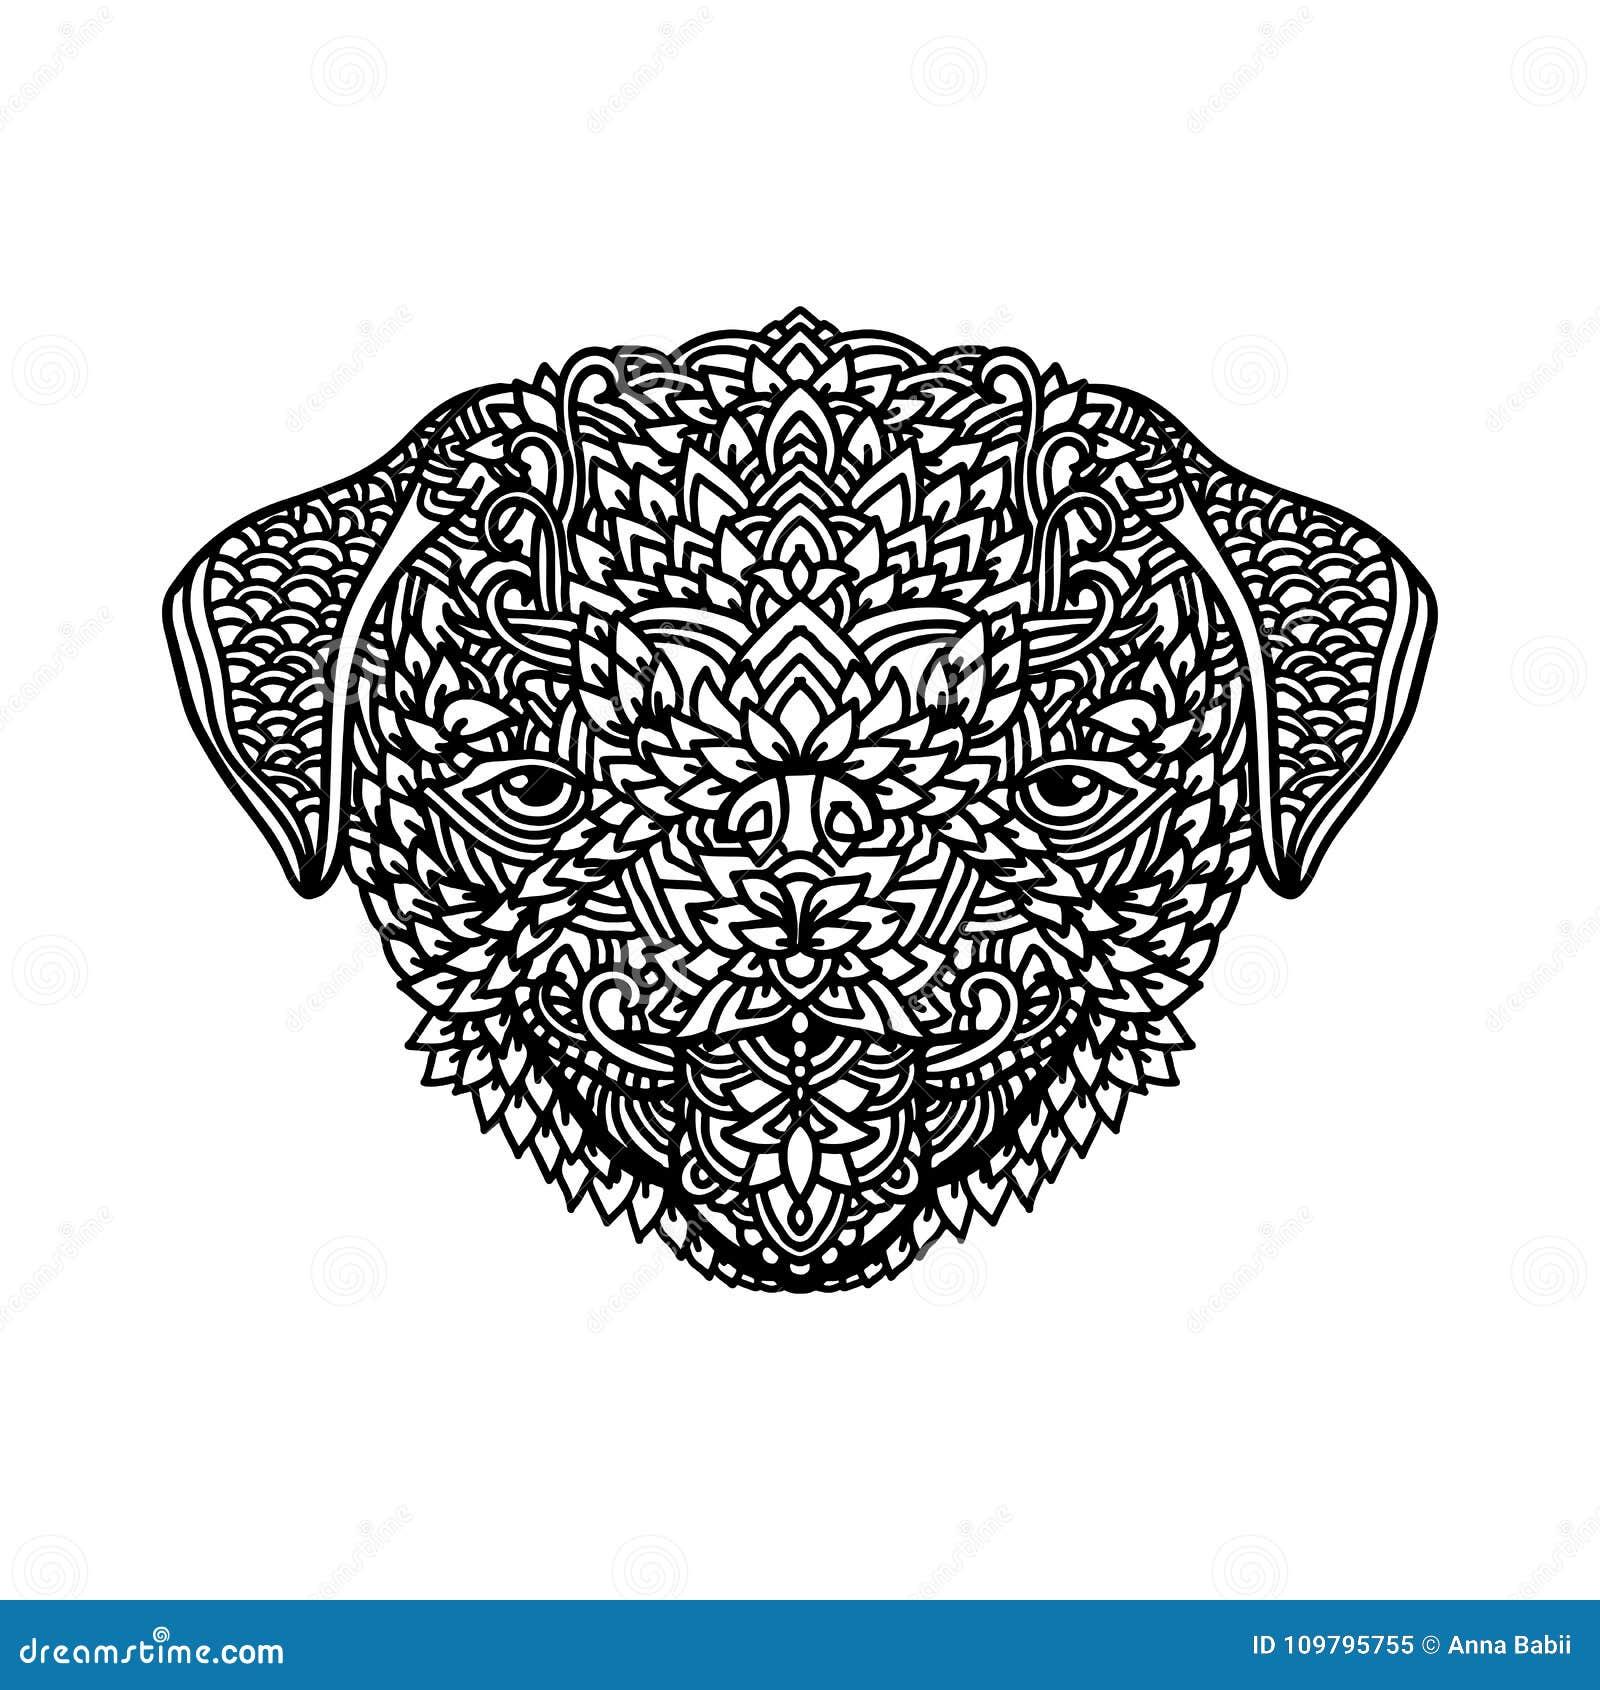 Coloriage Adulte Blanc.Roquet Noir Et Blanc Avec Les Ornements Floraux Ethniques Pour Livre